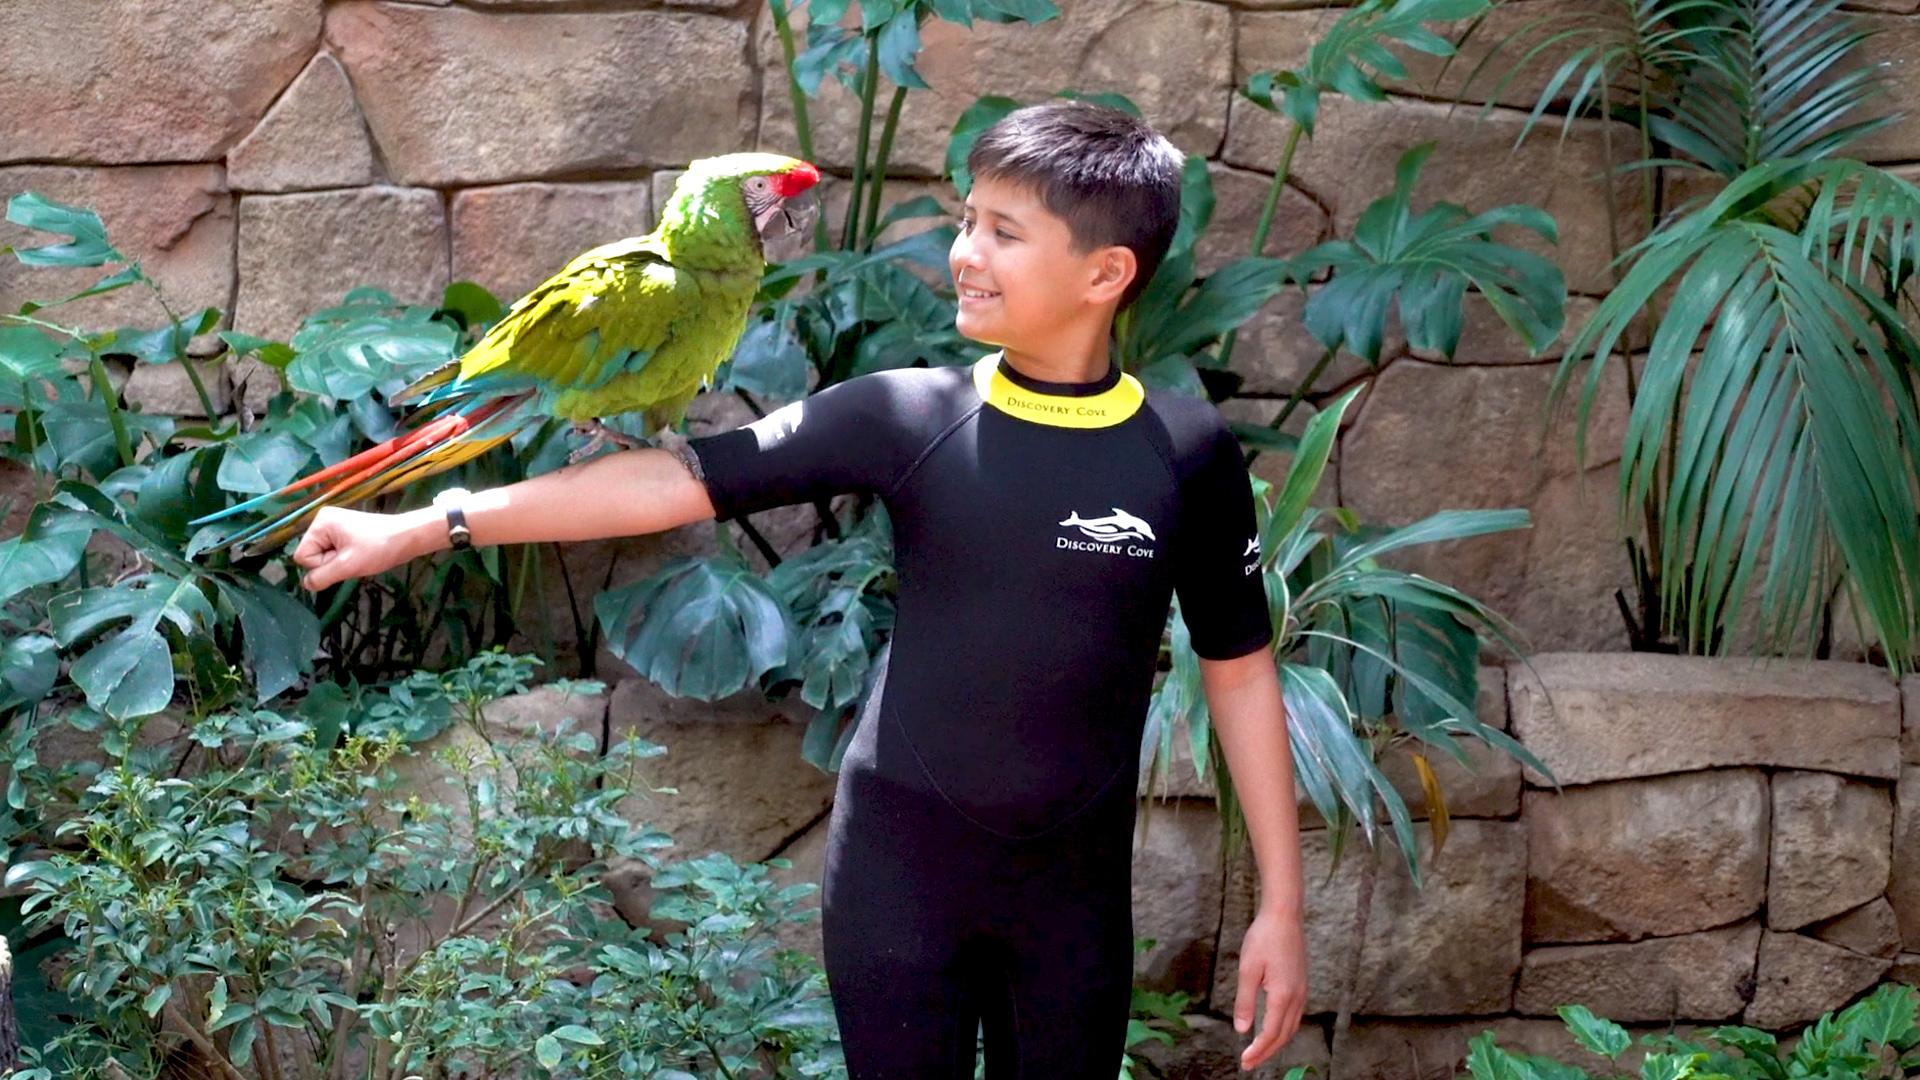 Parque Discovery Cove em Orlando: encontro com animais